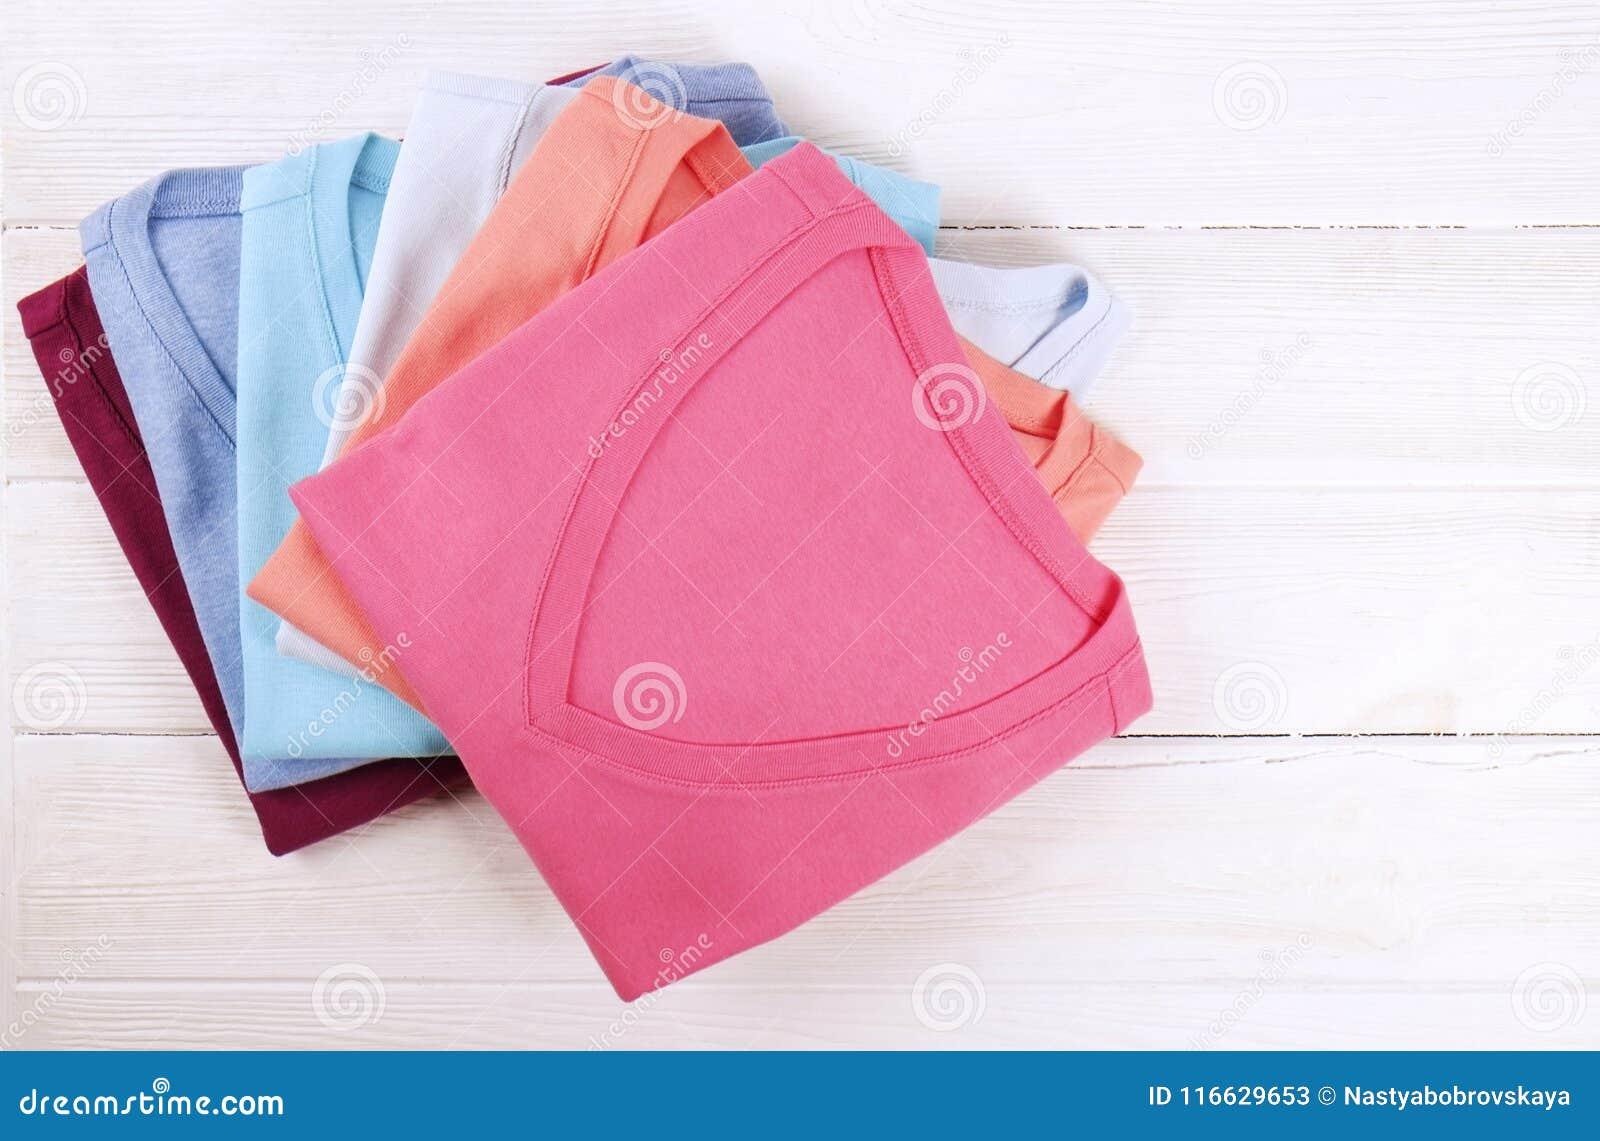 edd54c5177cd composizione-con-i-vestiti-piegati-unisex-per-sia-l-uomo-che-donna -colore-differente-materiale-mucchio-della-lavanderia-116629653.jpg